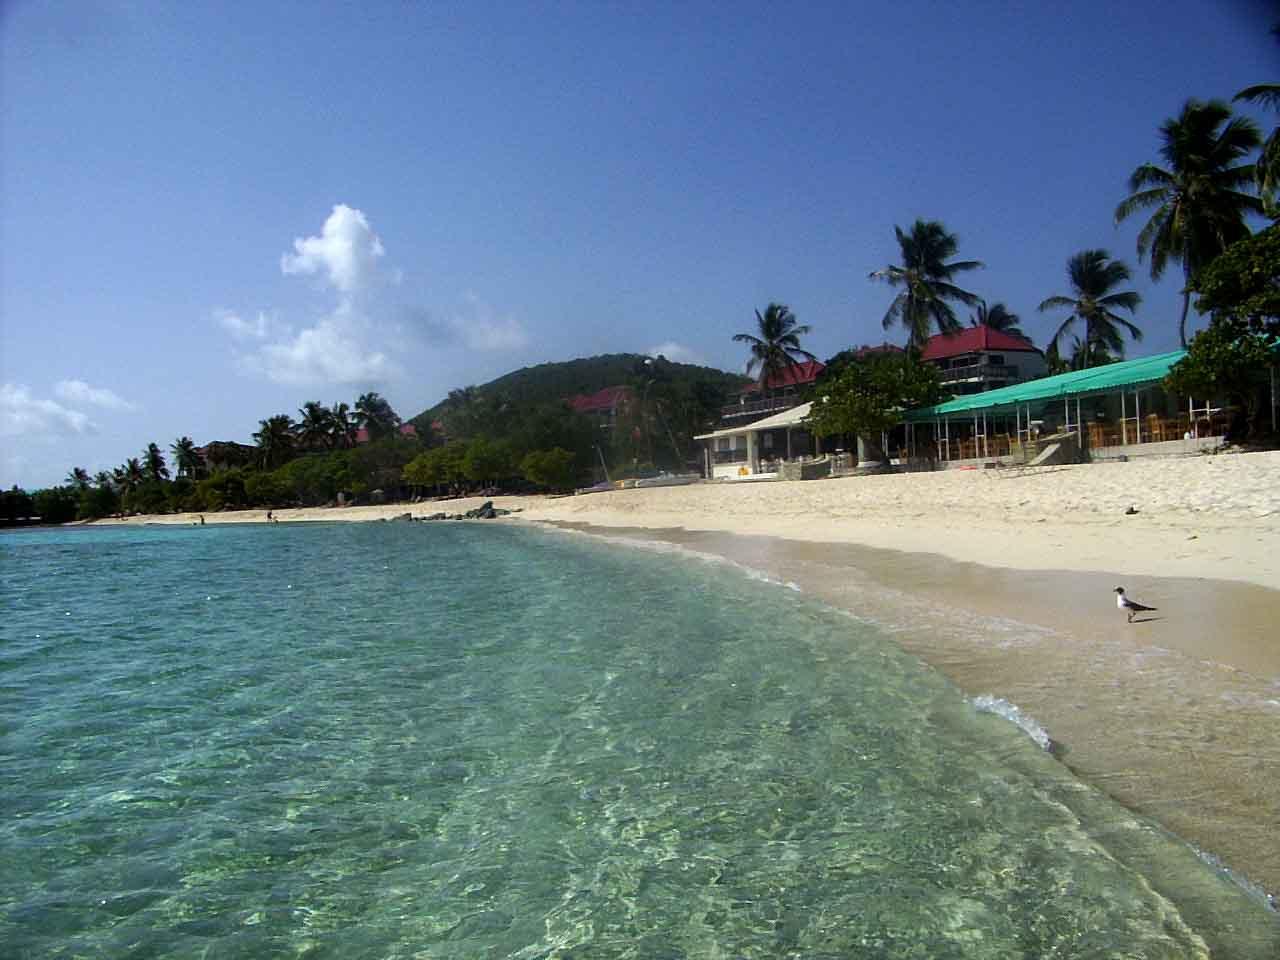 Wallpapers For Caribbean Beaches Wallpaper Desktop 1280x960